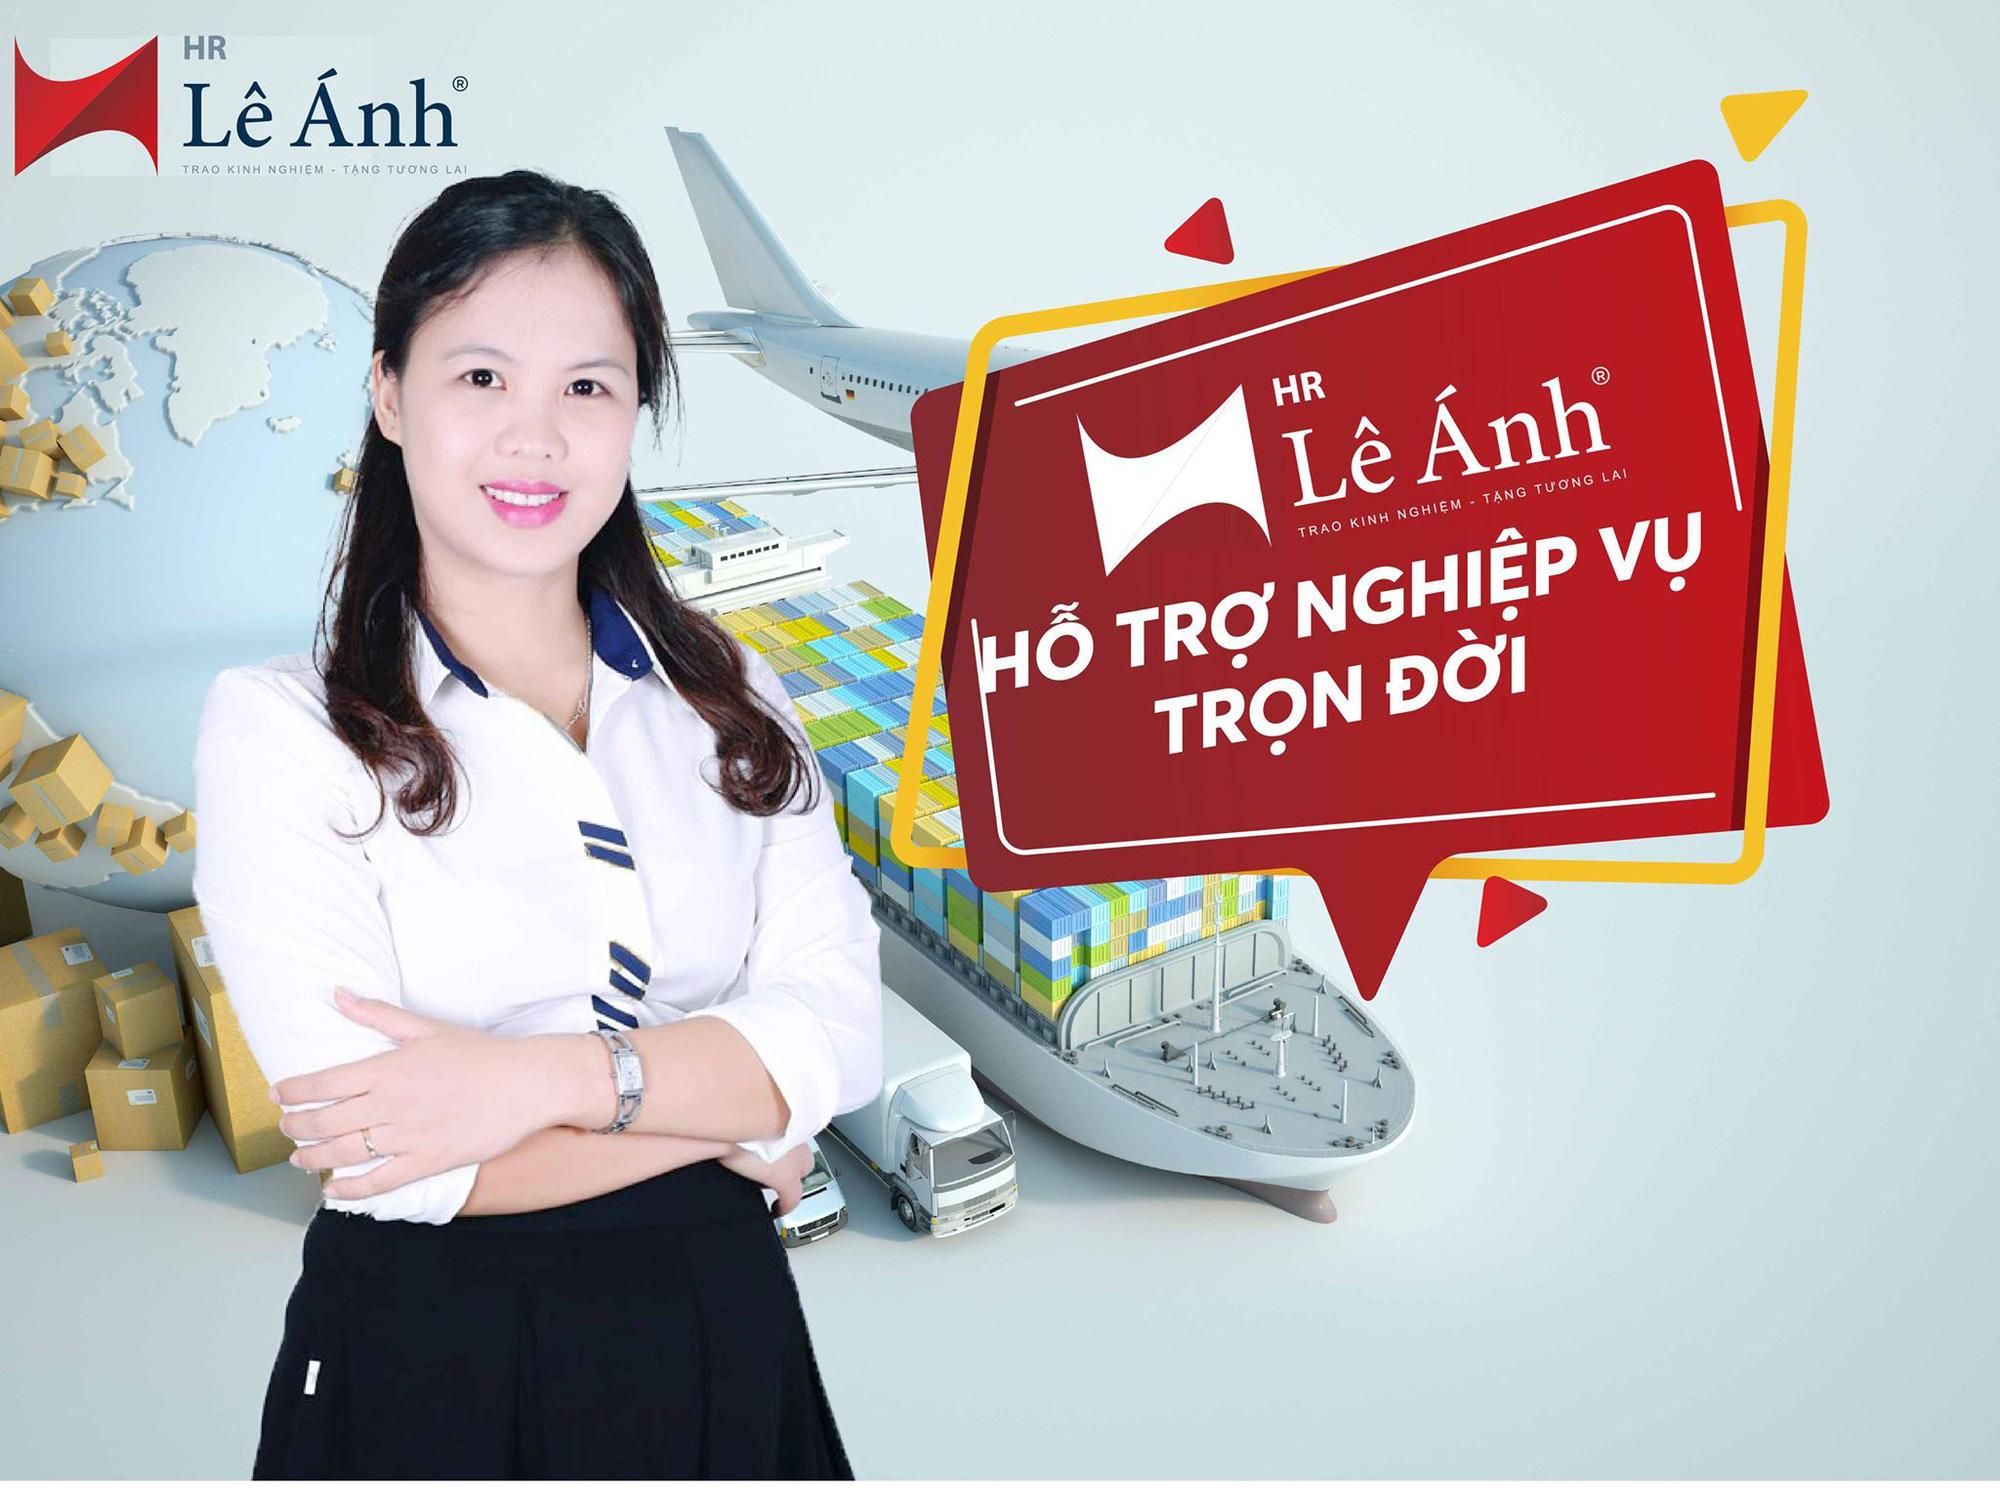 Lê Ánh HR – Đào tạo, tuyển dụng nhân sự chuyên nghiệp - Ảnh 3.